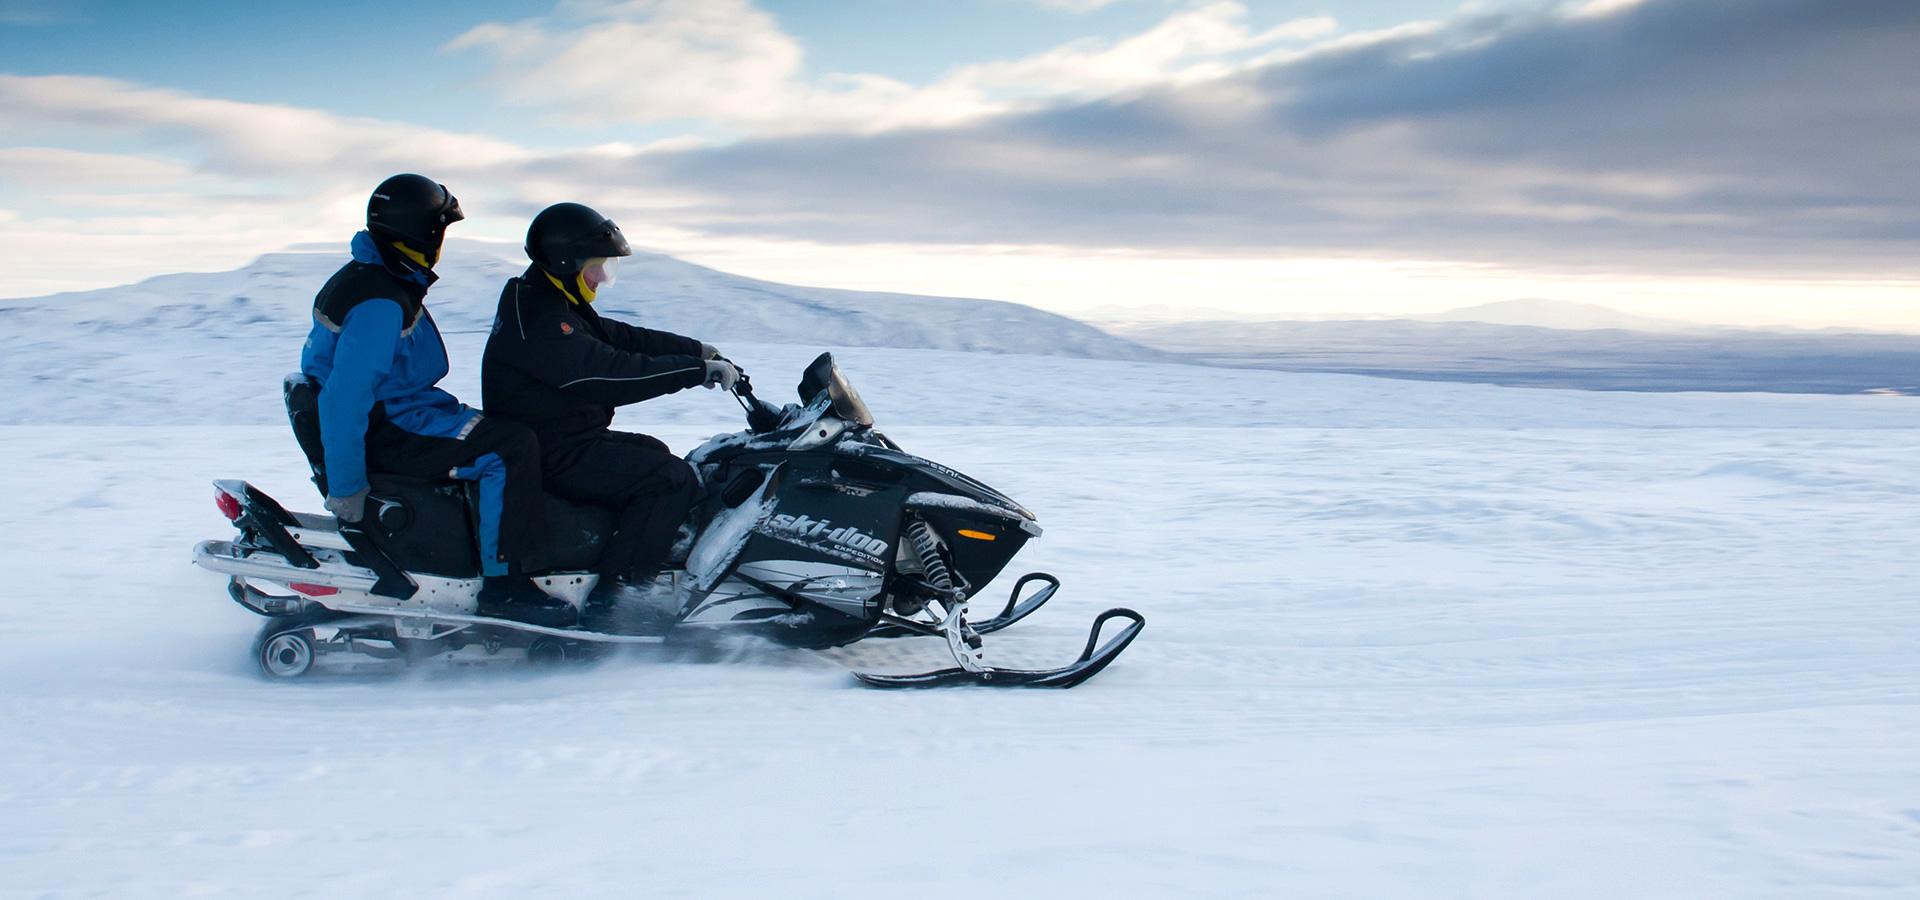 Een dagtocht met sneeuwscooters levert een dag vol actie op in IJsland.